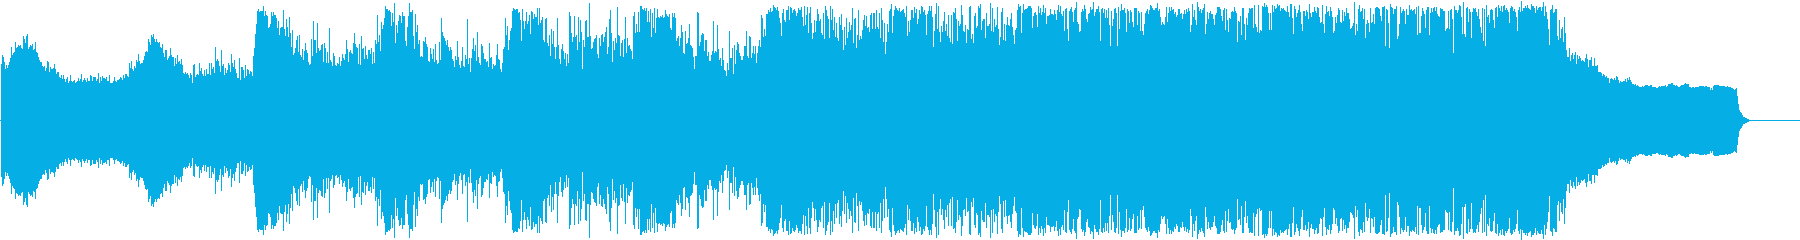 トレーラー、シネマティックの再生済みの波形